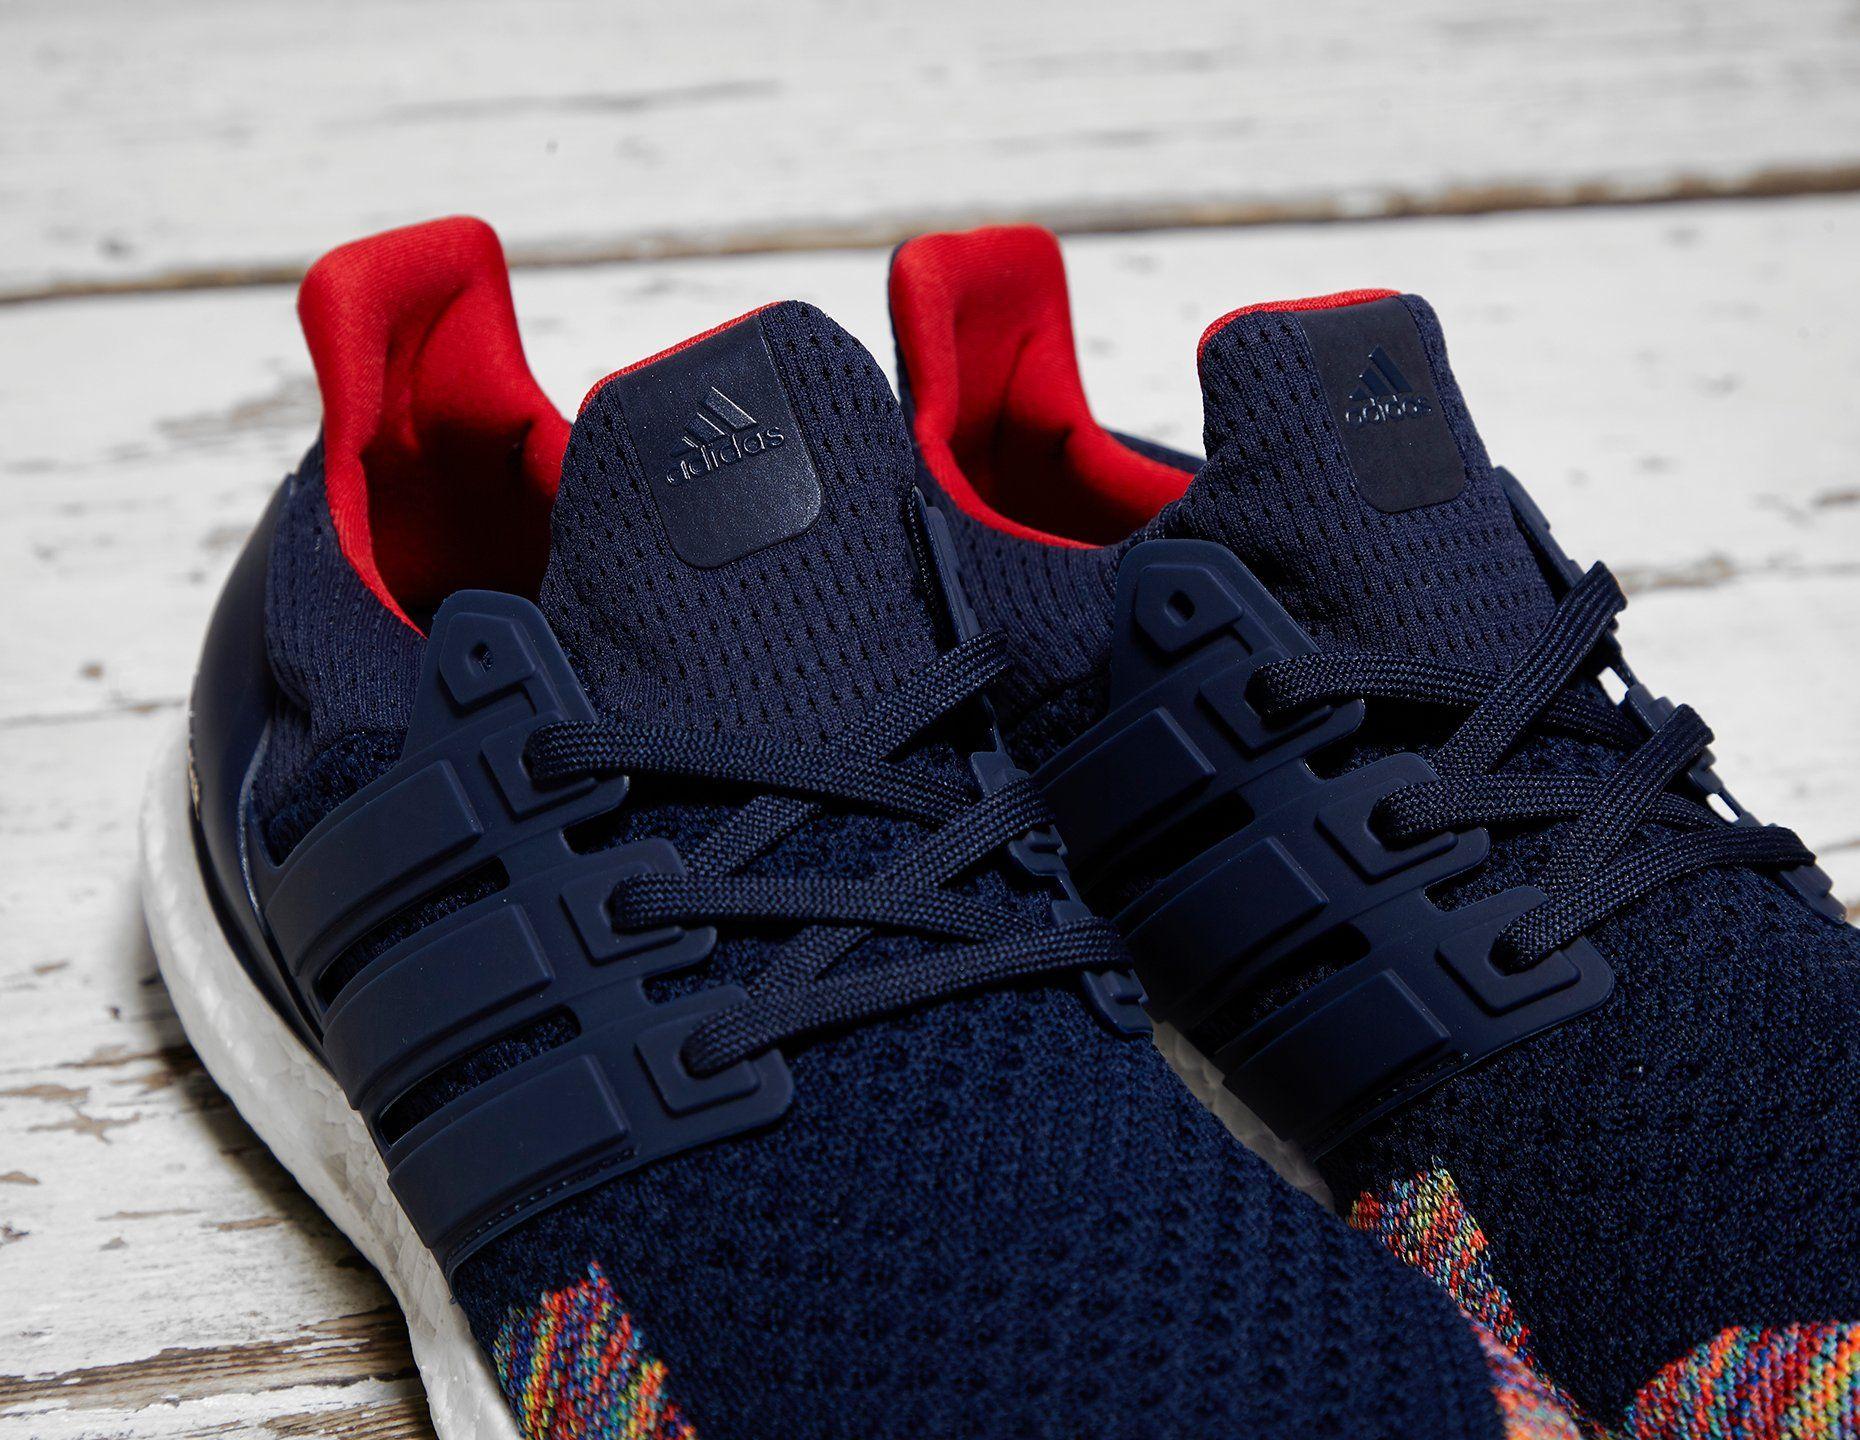 adidas UltraBoost LTD